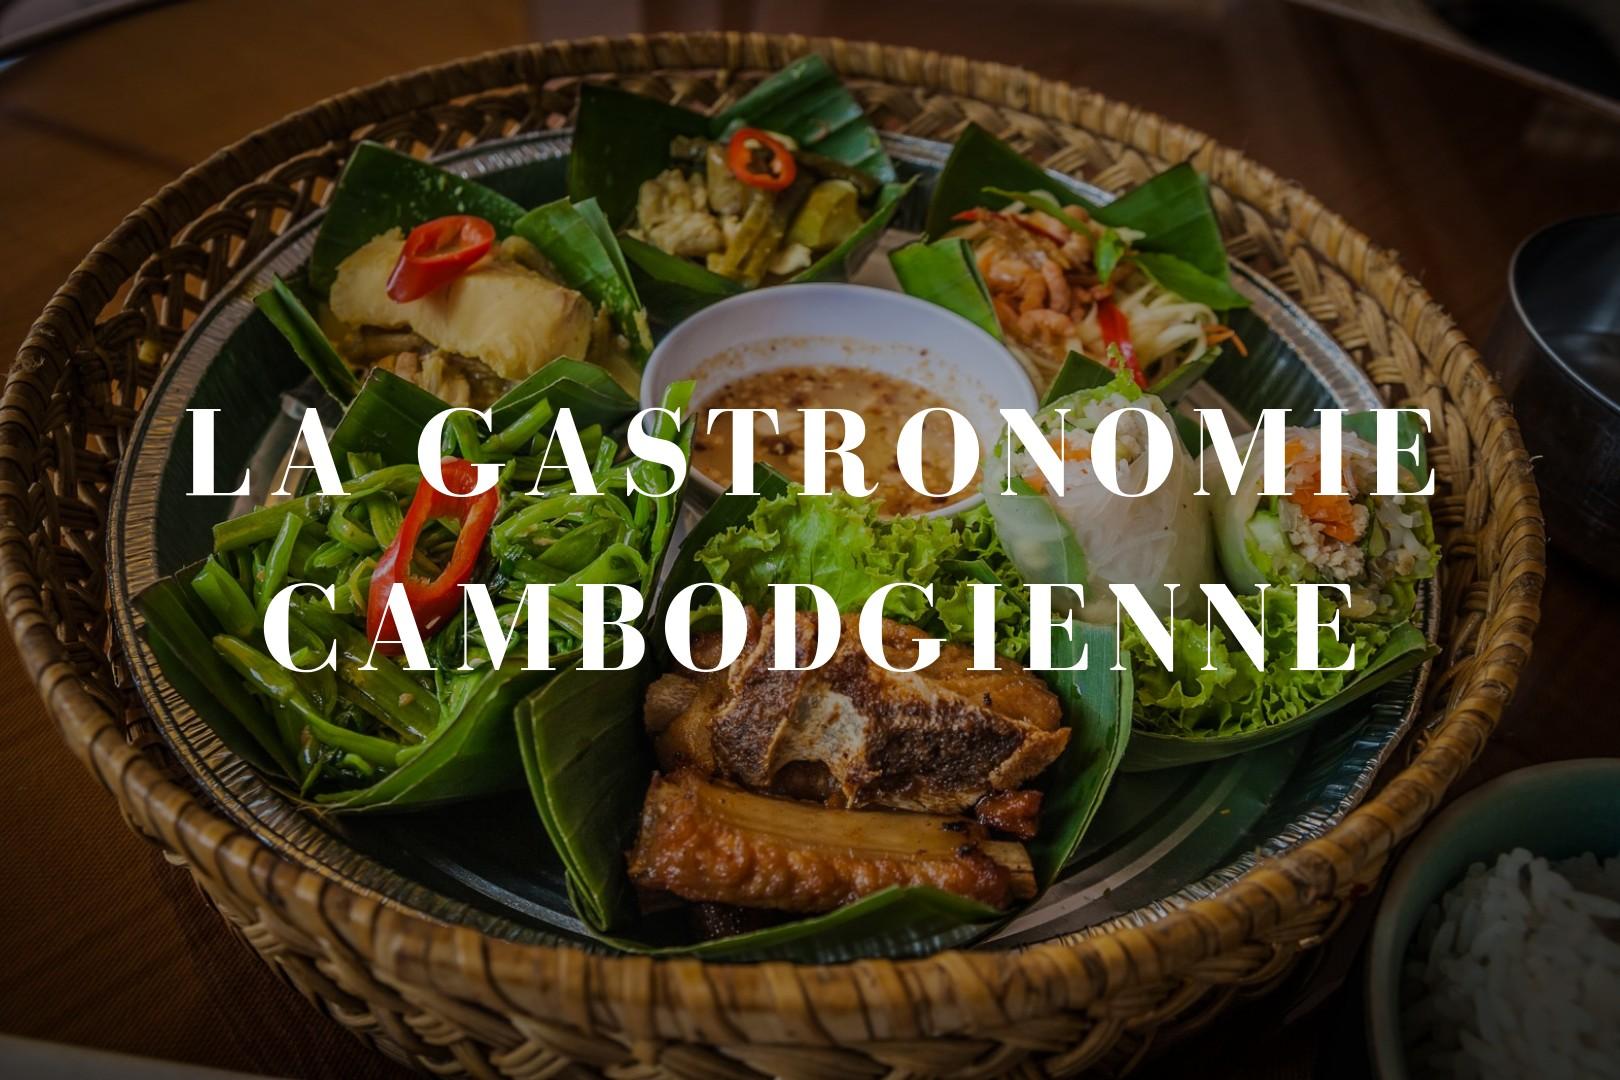 La gastronomie cambodgienne